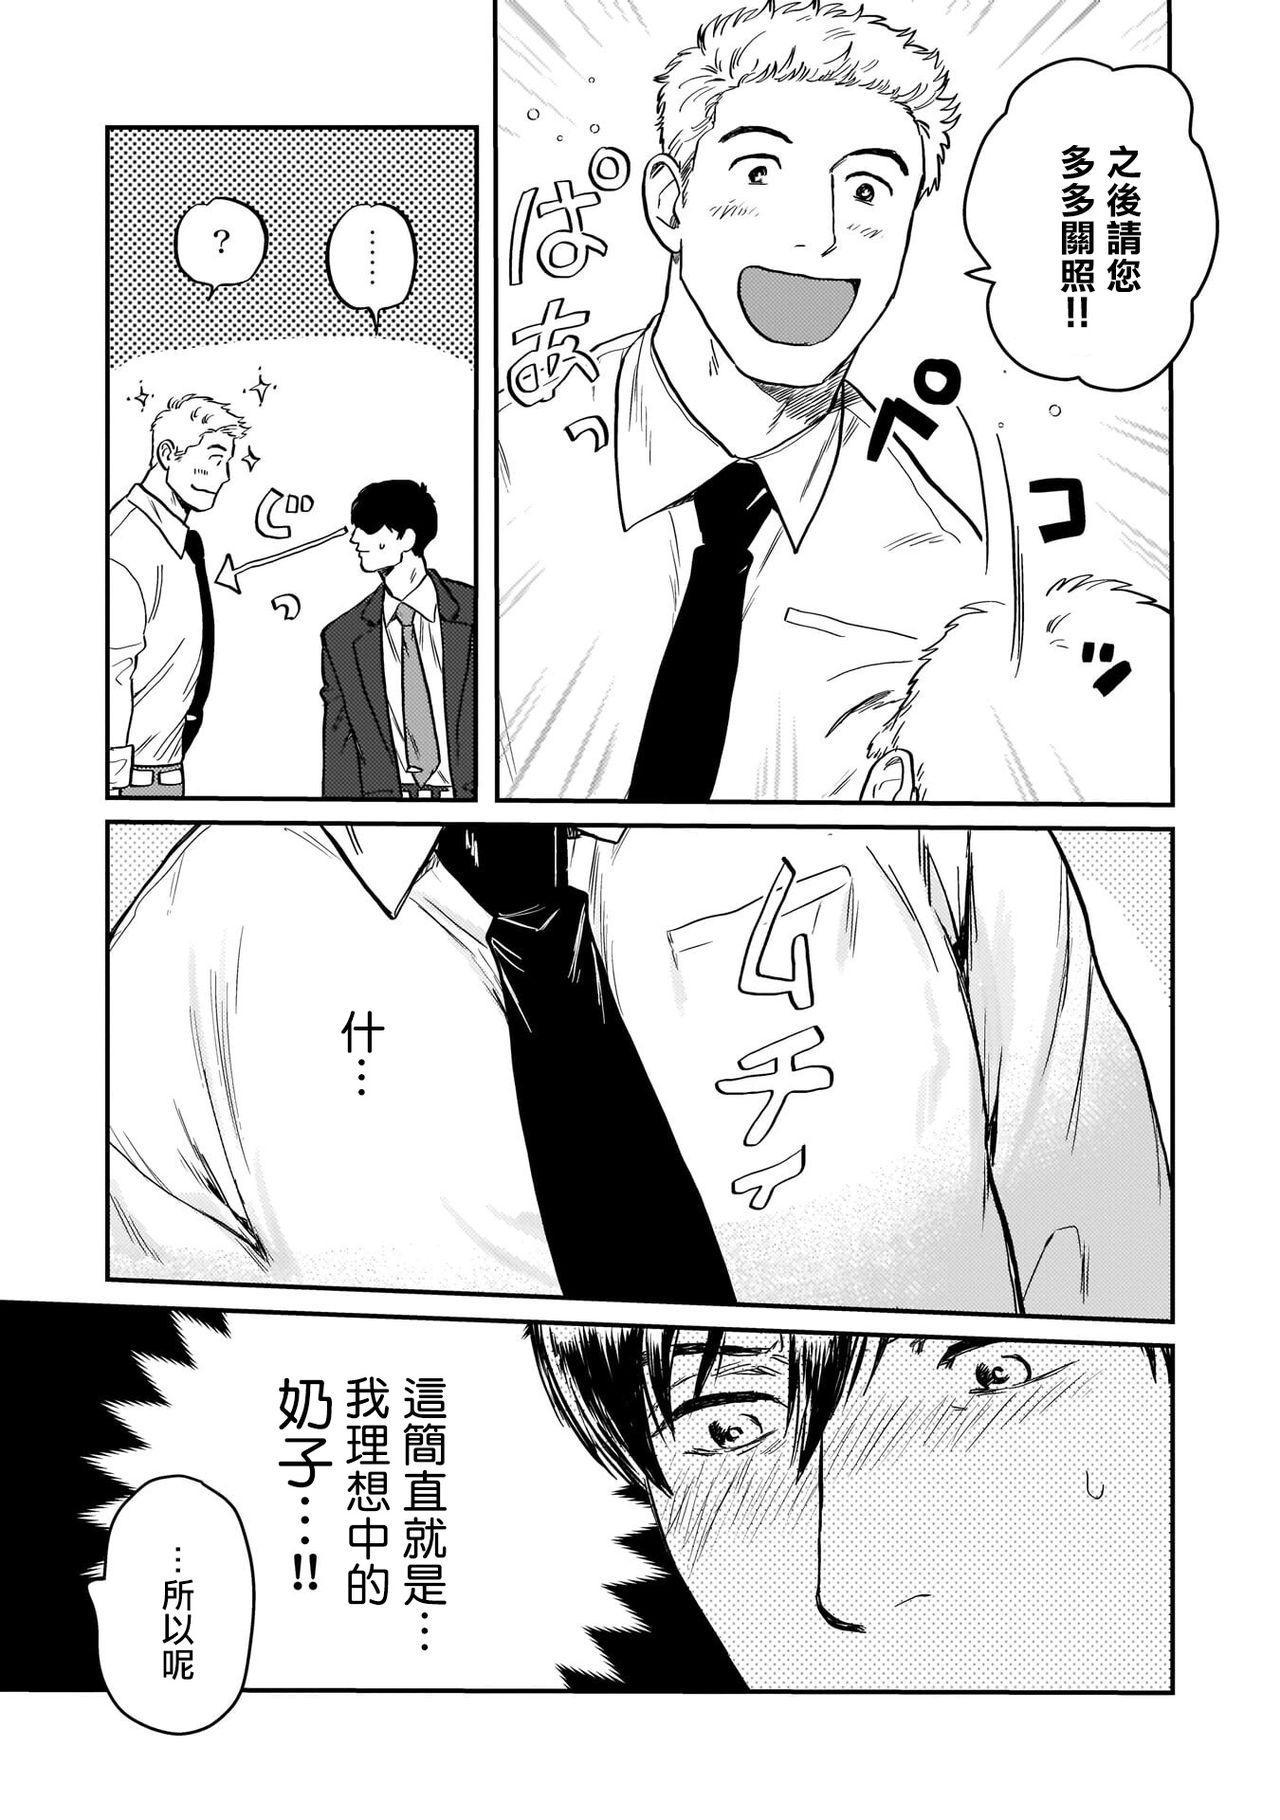 Kouhai no Oppai ga Suki Sugiru | 我太喜欢后辈的奶子了 Ch. 1-2 12